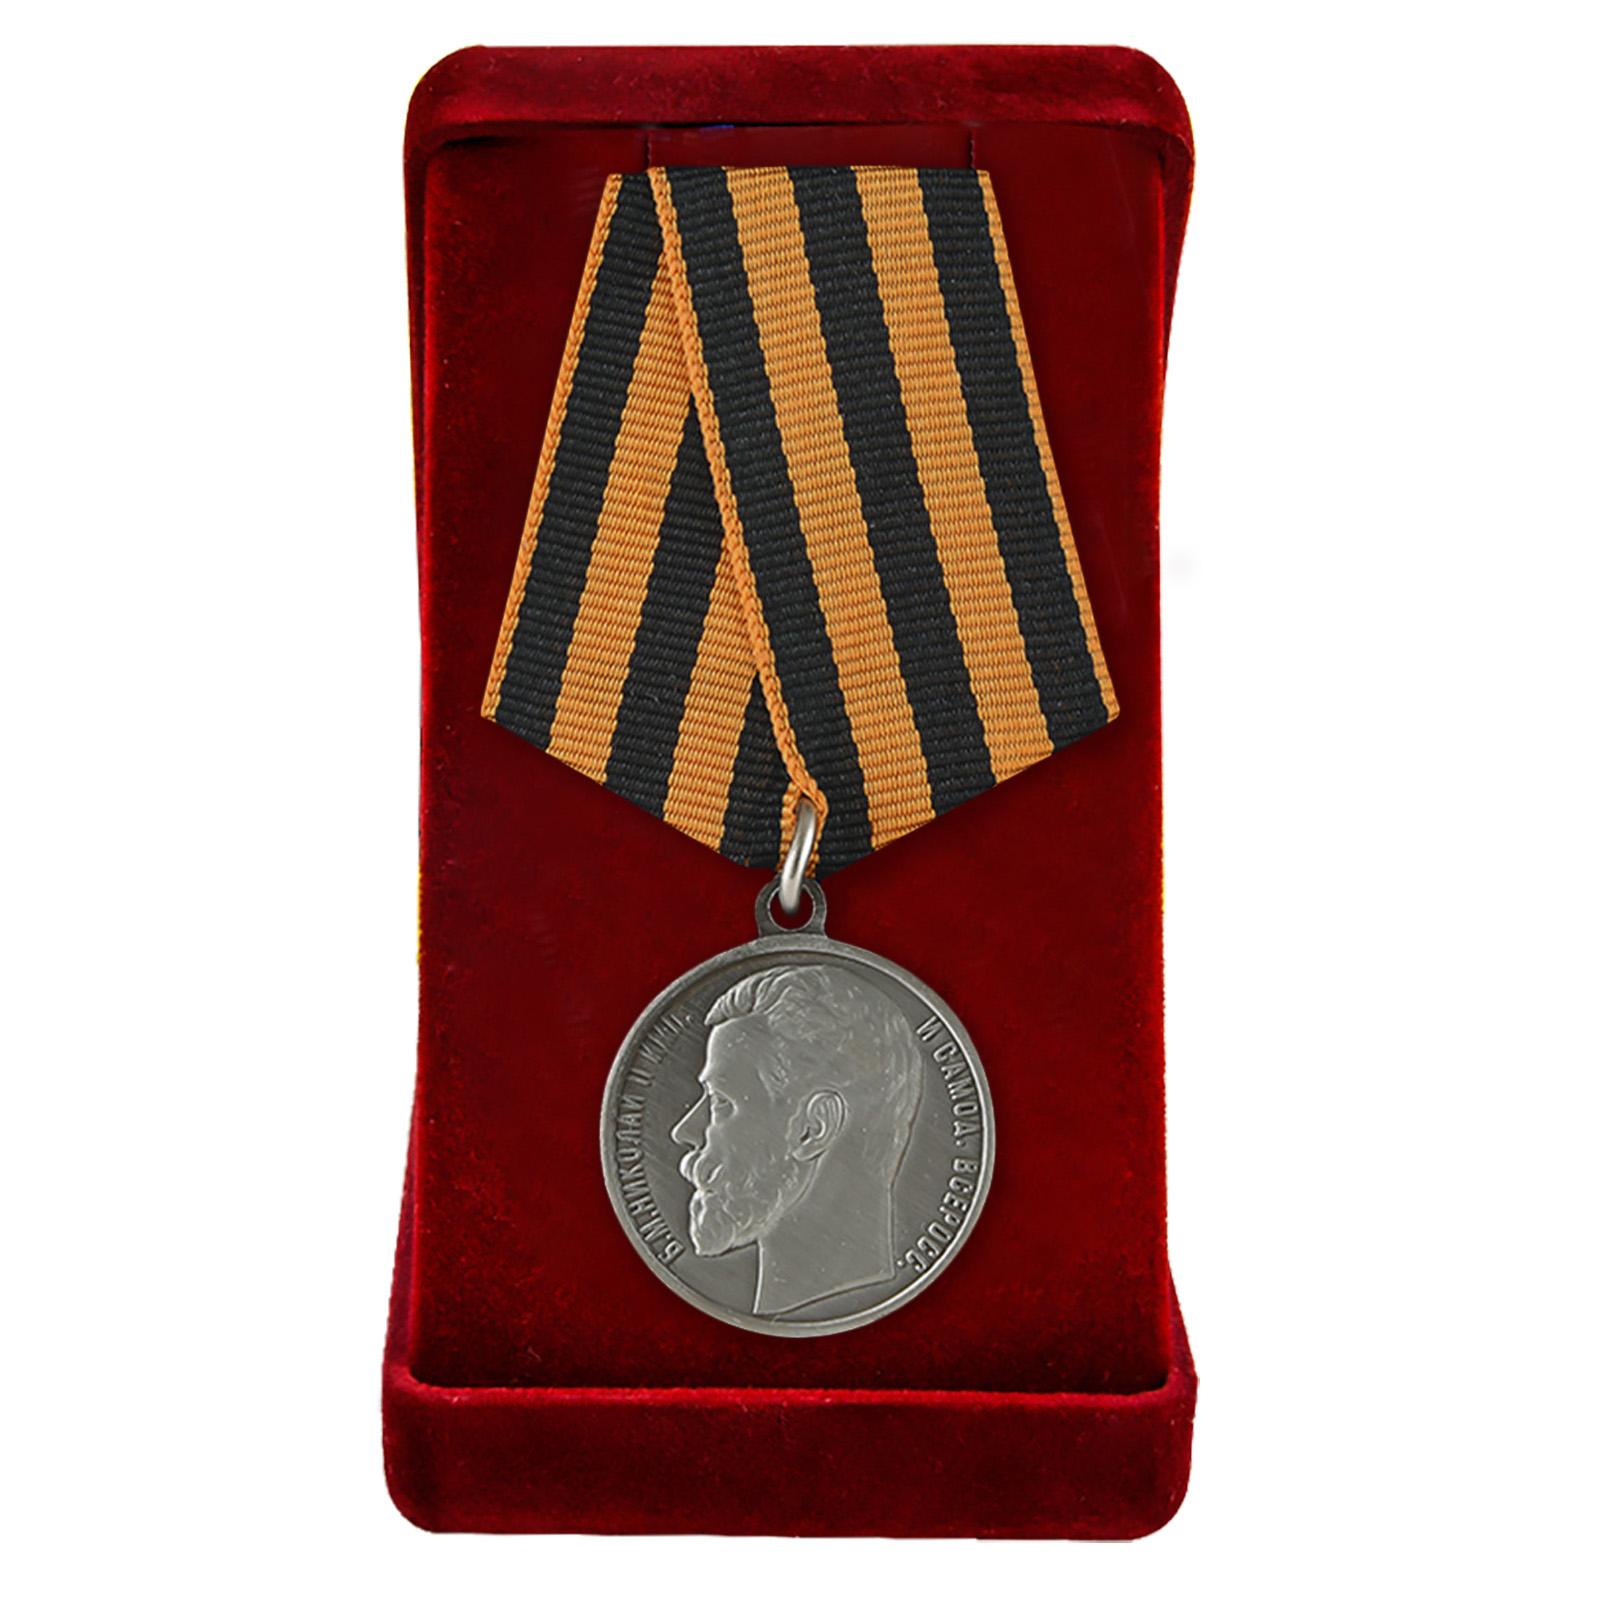 Купить георгиевскую медаль Николая 2 За храбрость 4 степени в подарок